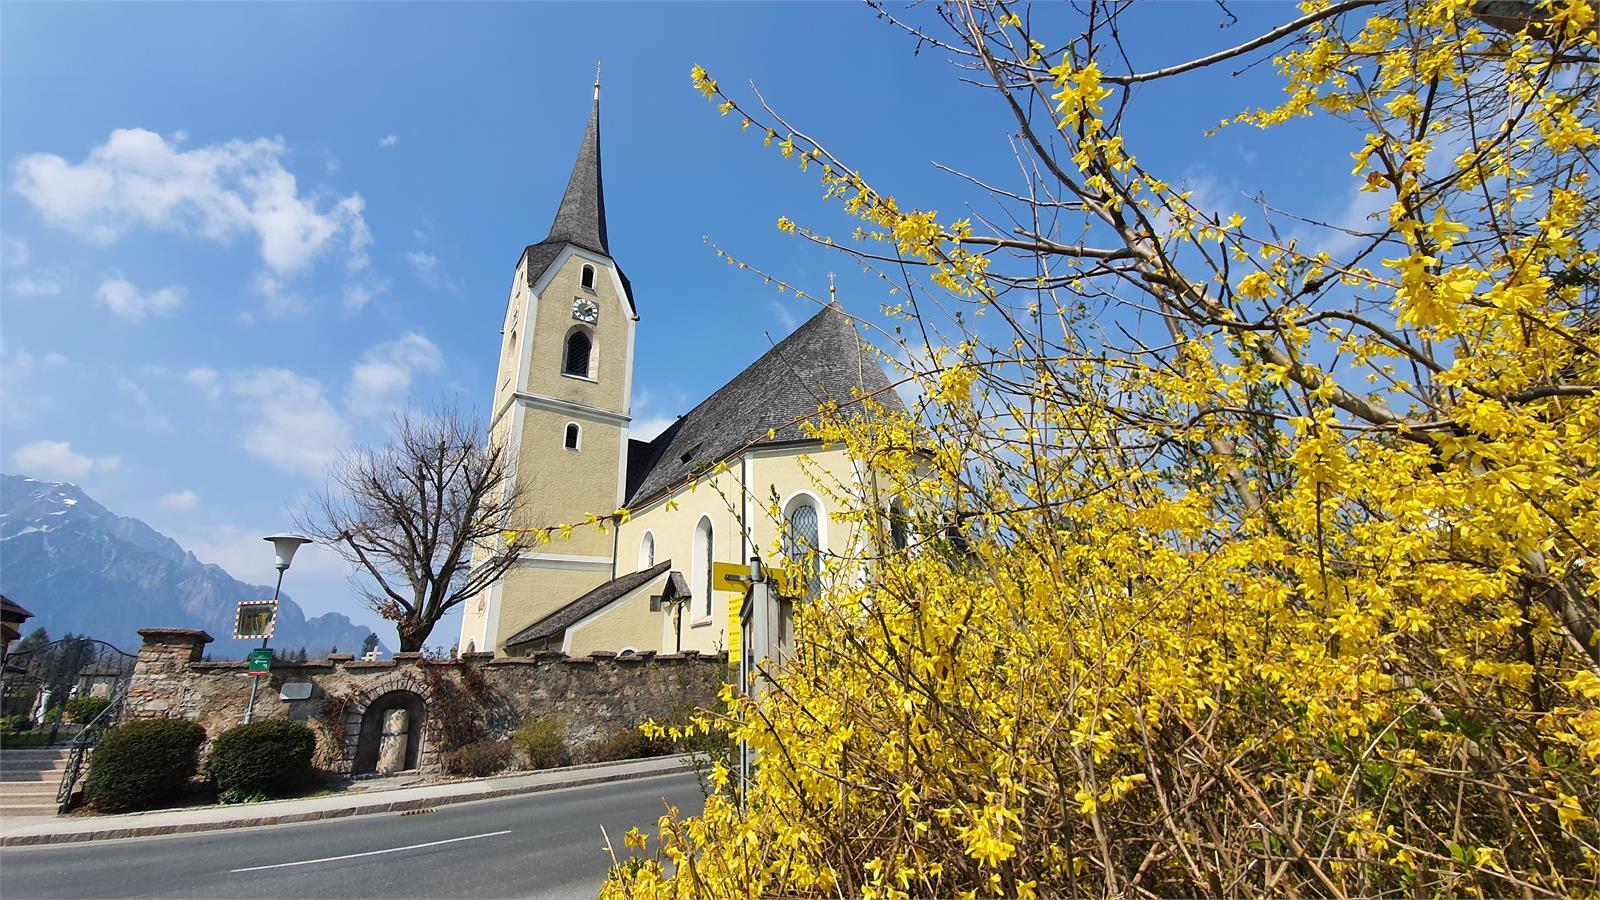 Pfarrkirche Puch mit Römischer Meilenstein Puch bei Salzburg | ©TVB Puch